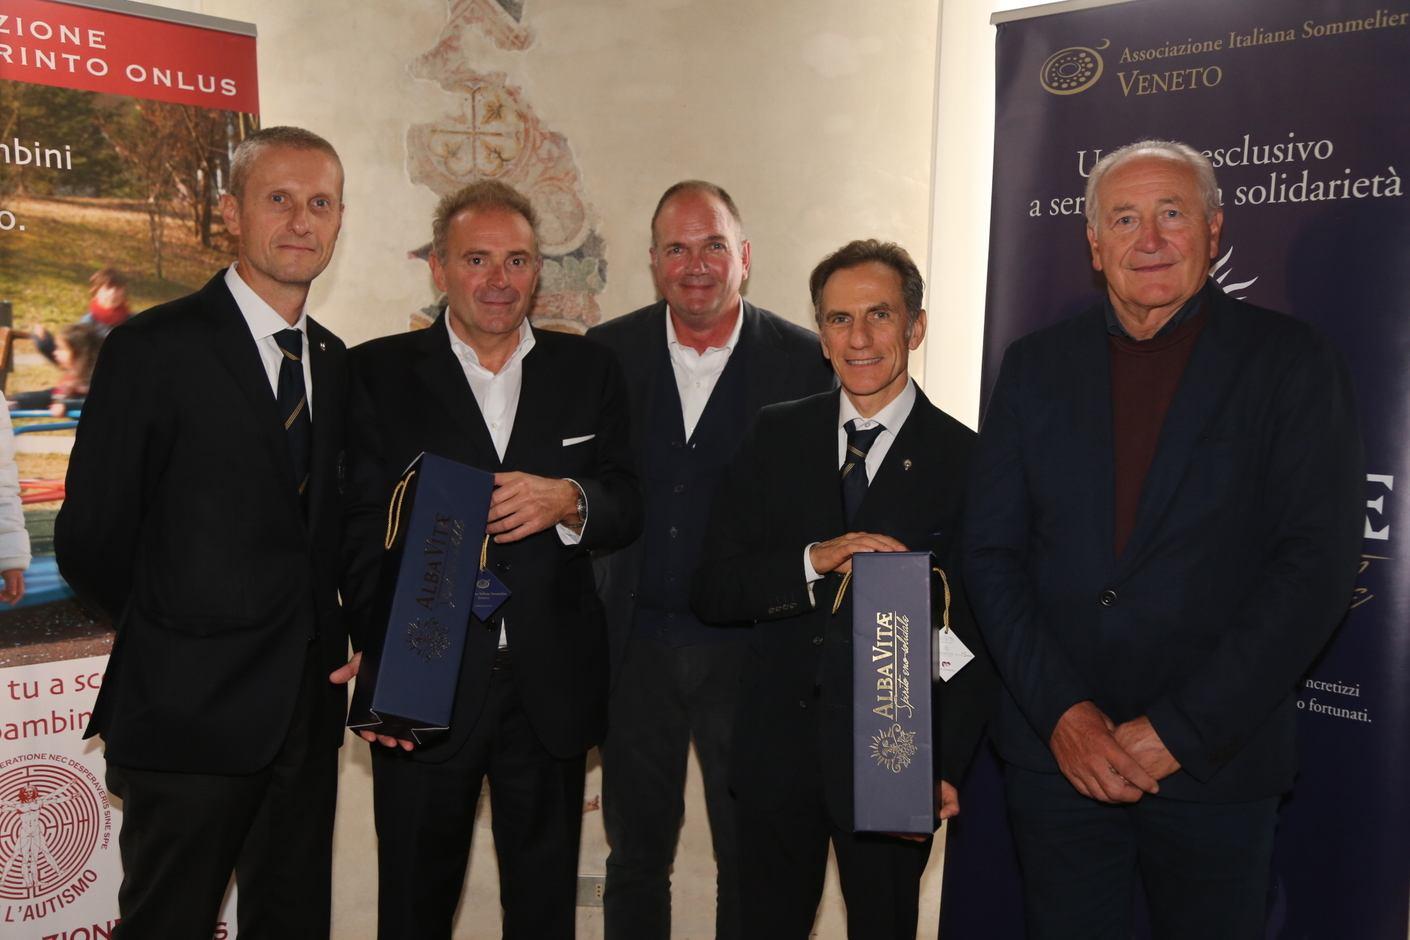 Marco Aldegheri, Mario Paganessi, Antonio Bonotto delle Tezze, Wladimiro Gobbo, Alberto Cais